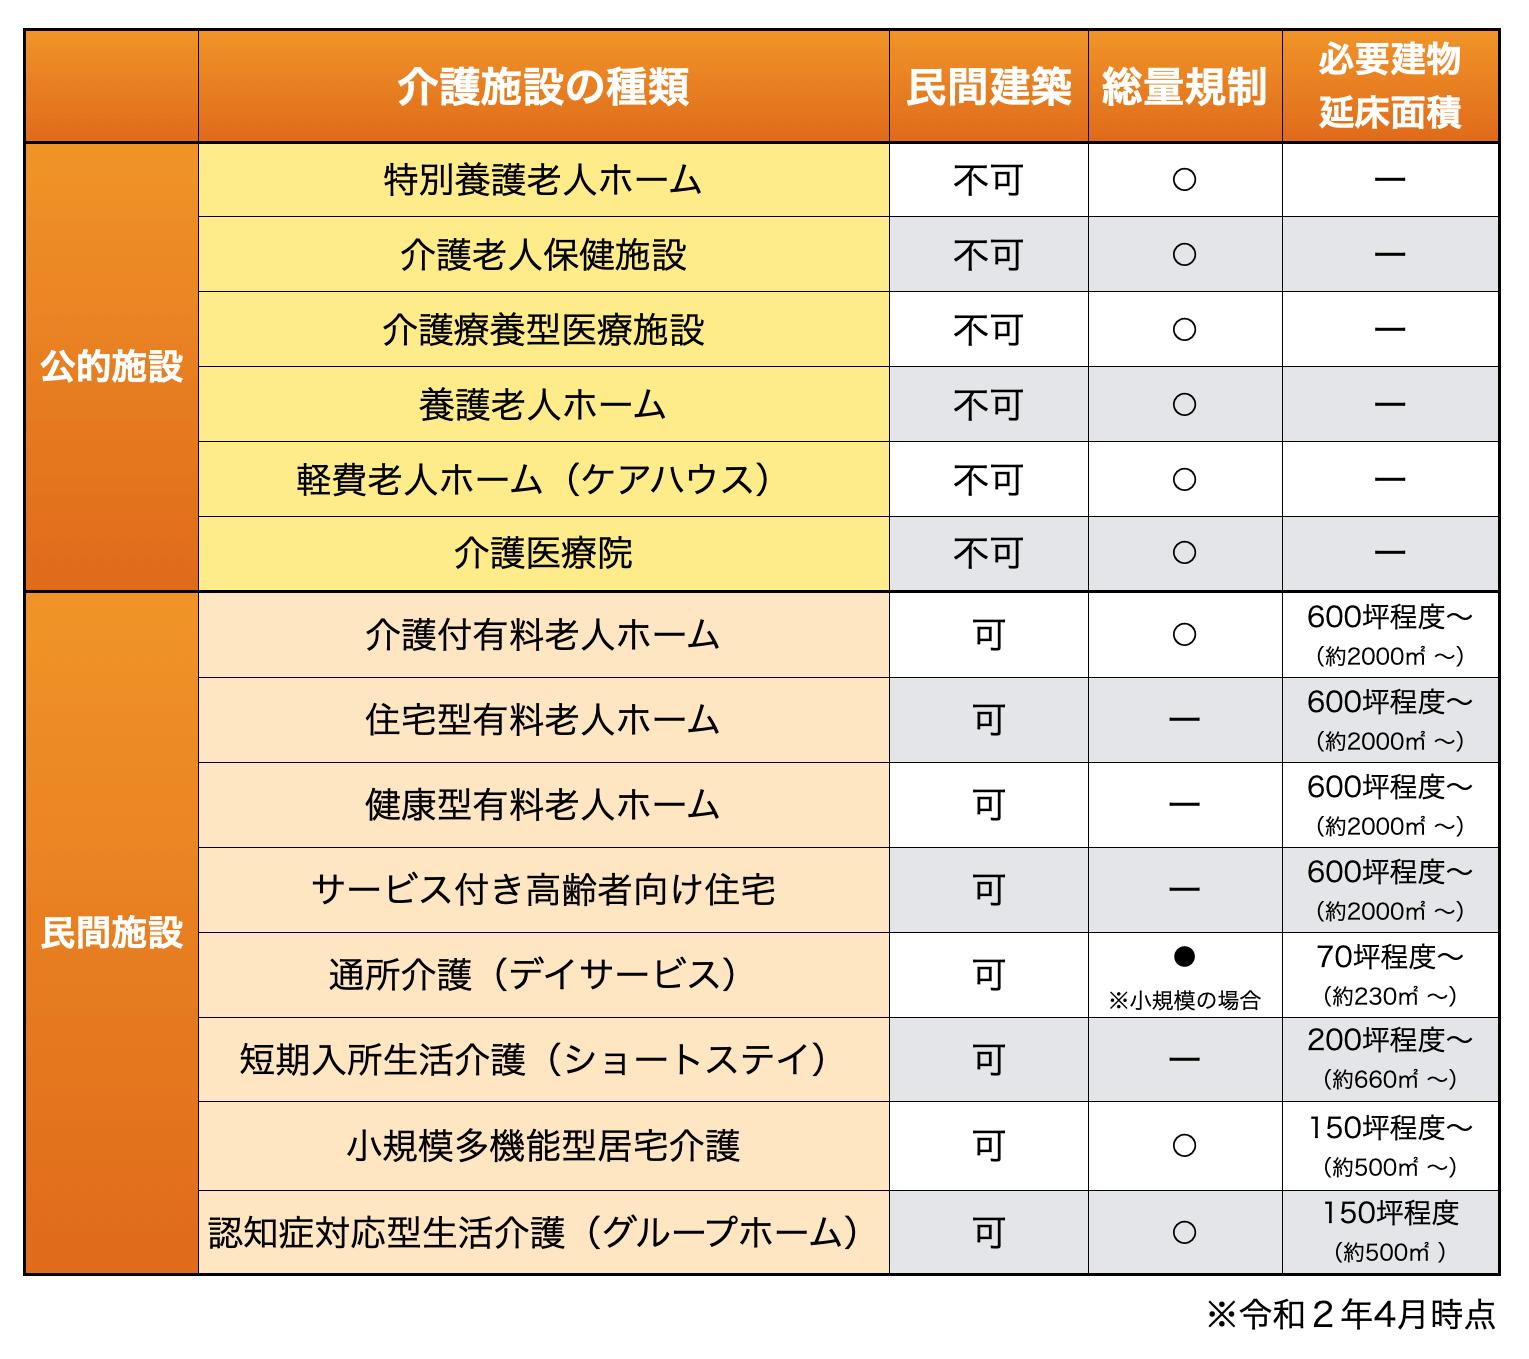 介護施設の種類と比較